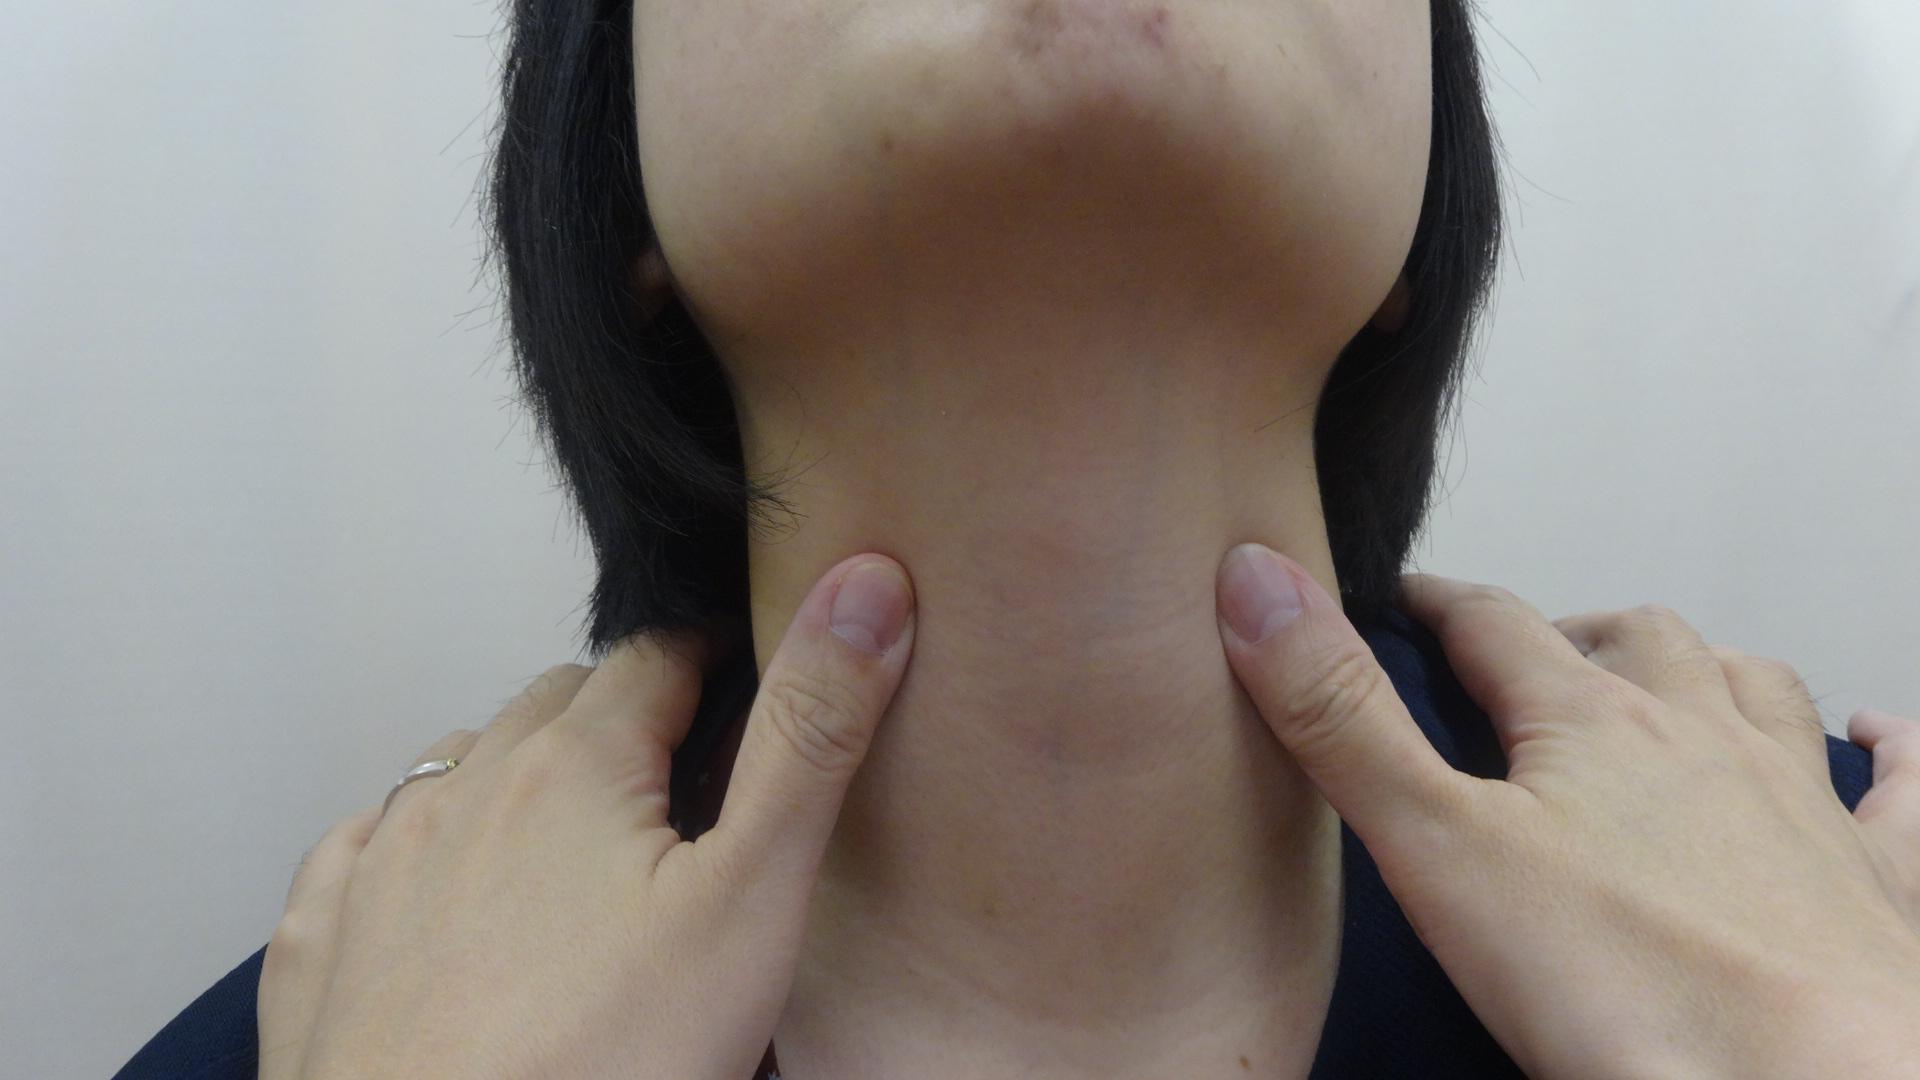 甲状腺を診察している様子